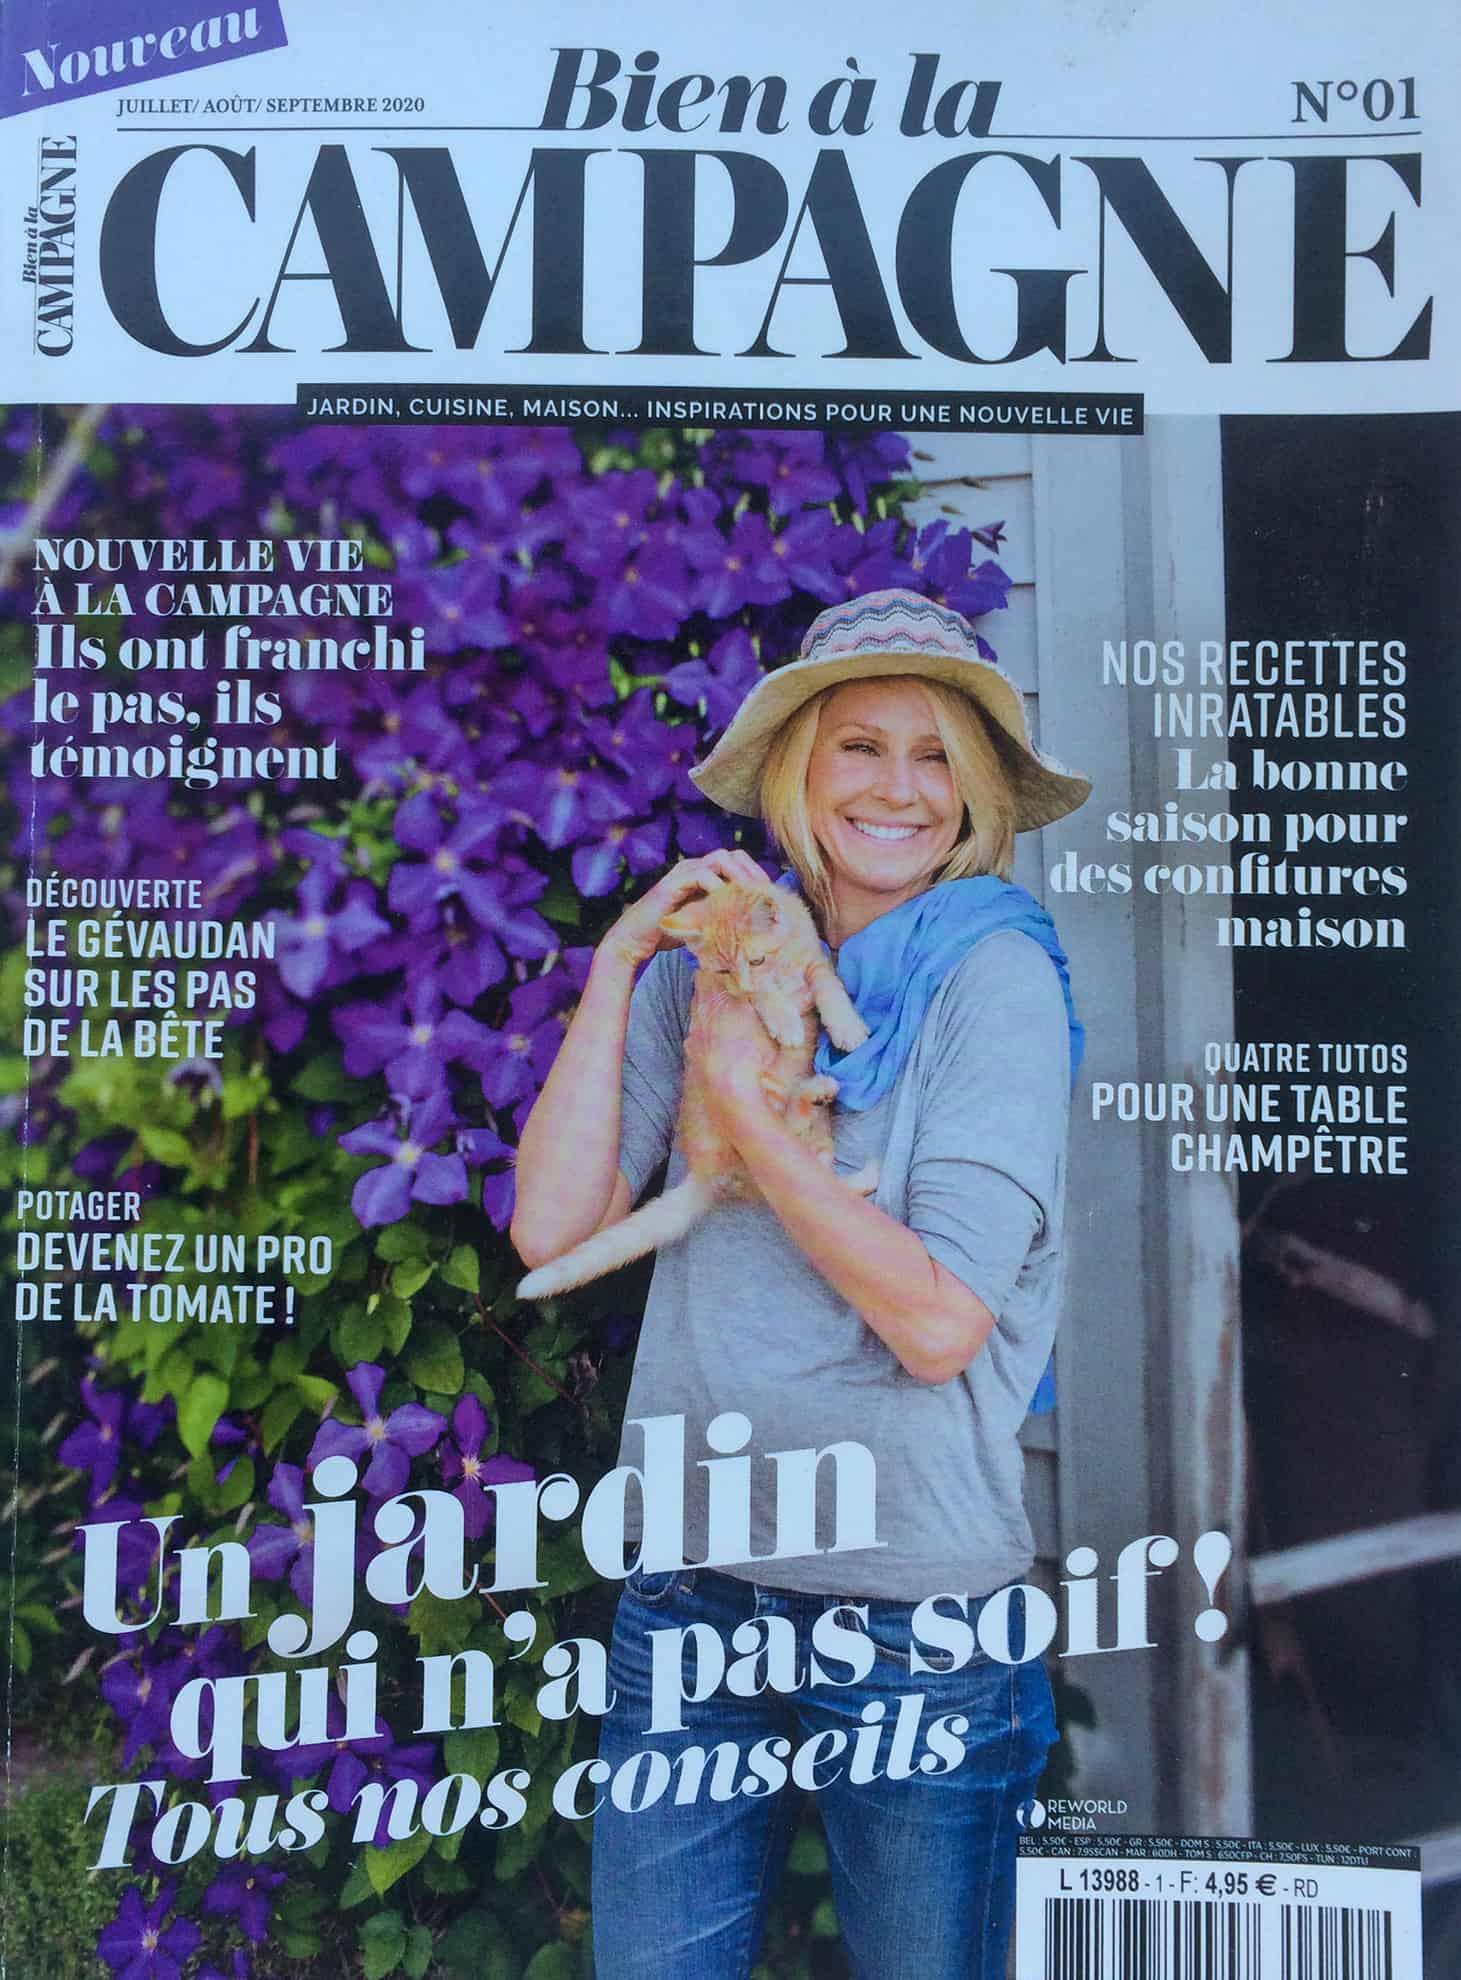 La Blanche Maison - Magazine - Bien à la campagne - No 1 - 2020